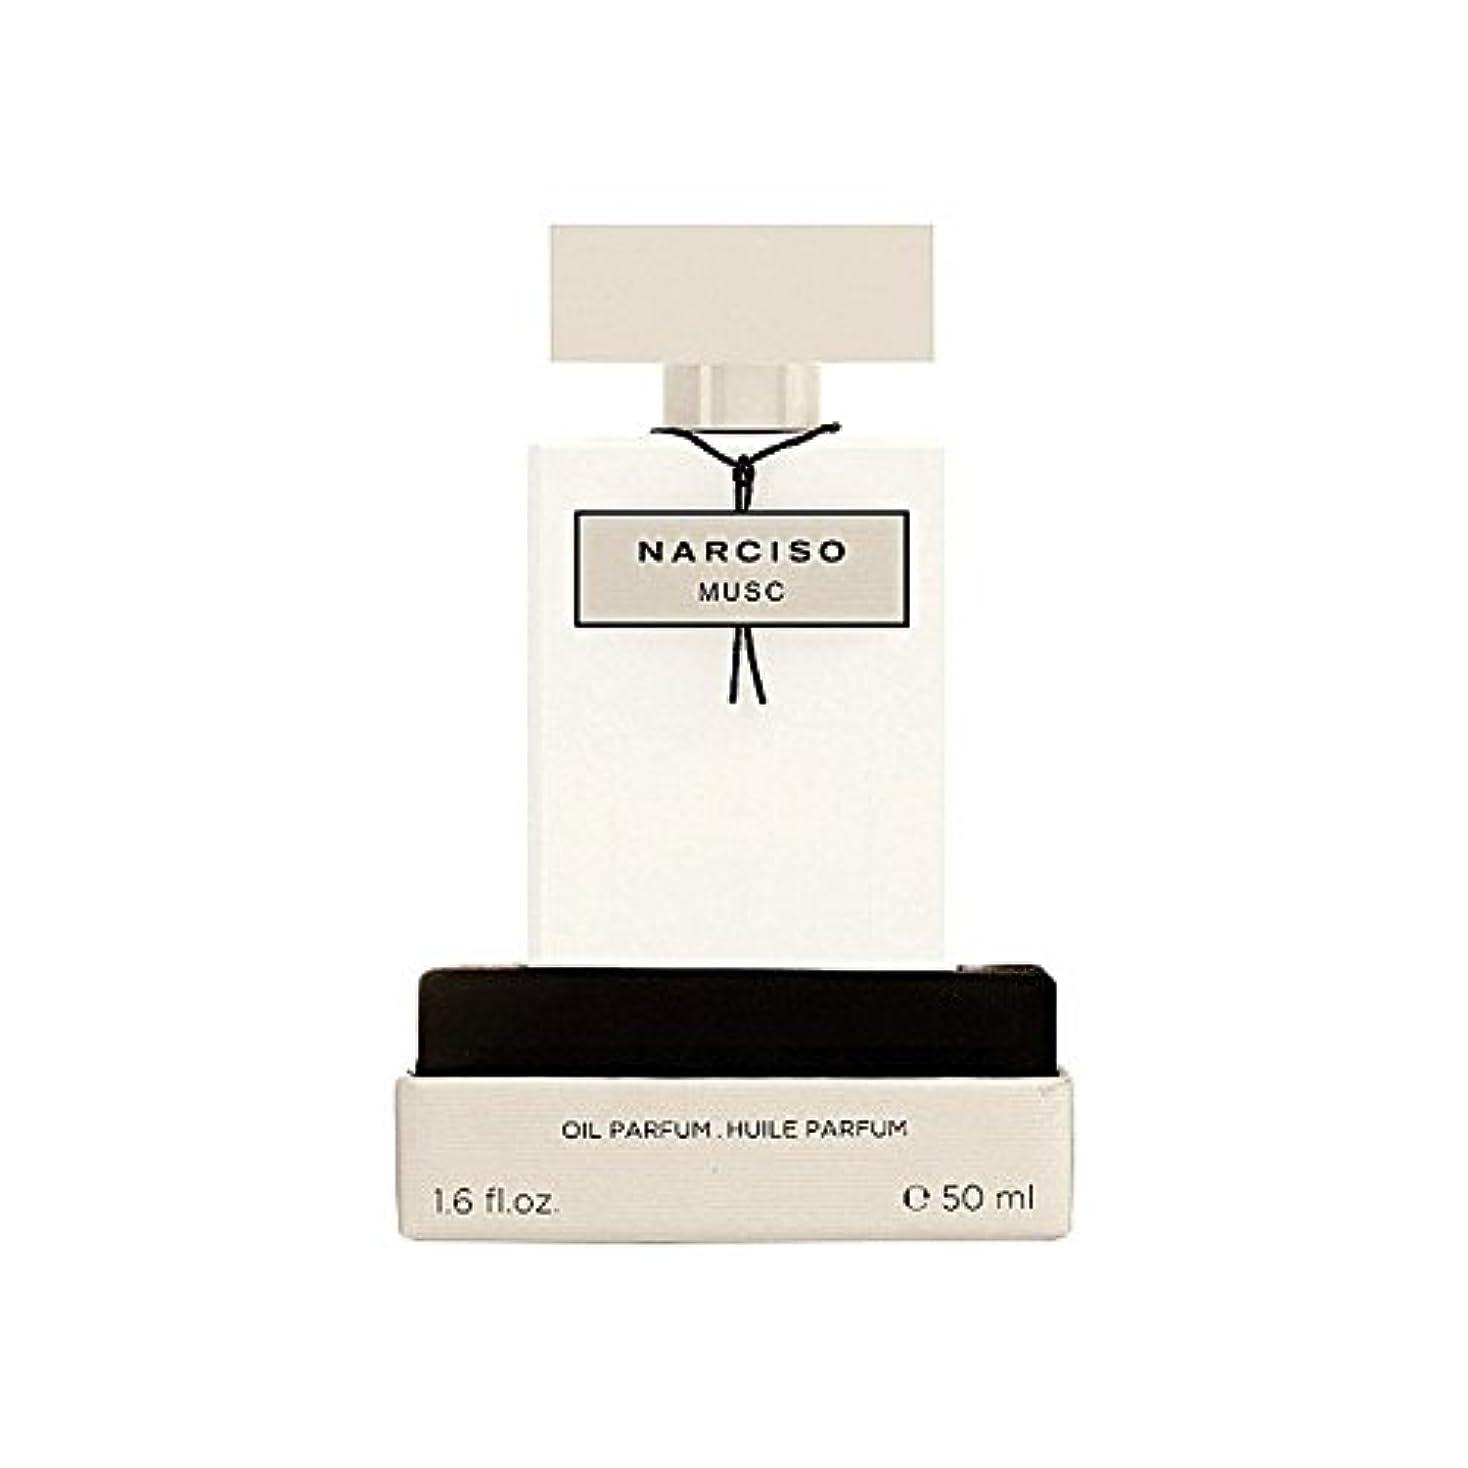 残基合金不機嫌そうなナルシソ?ロドリゲスナルシソオイル50ミリリットル x2 - Narciso Rodriguez Narciso Musc Oil 50ml (Pack of 2) [並行輸入品]